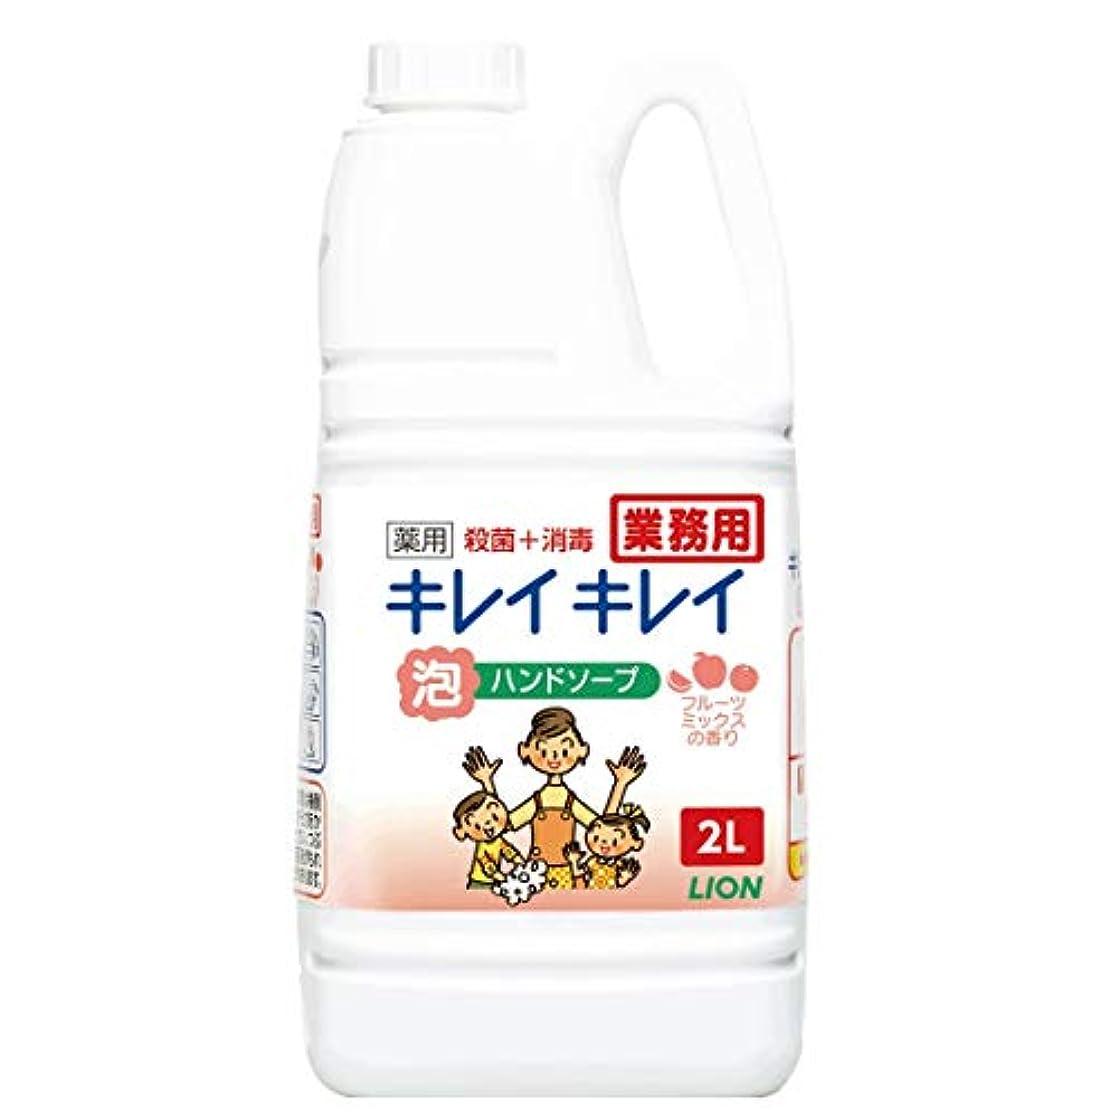 神経瞑想的仕事に行く【大容量】キレイキレイ 薬用泡ハンドソープ フルーツミックスの香り 2L